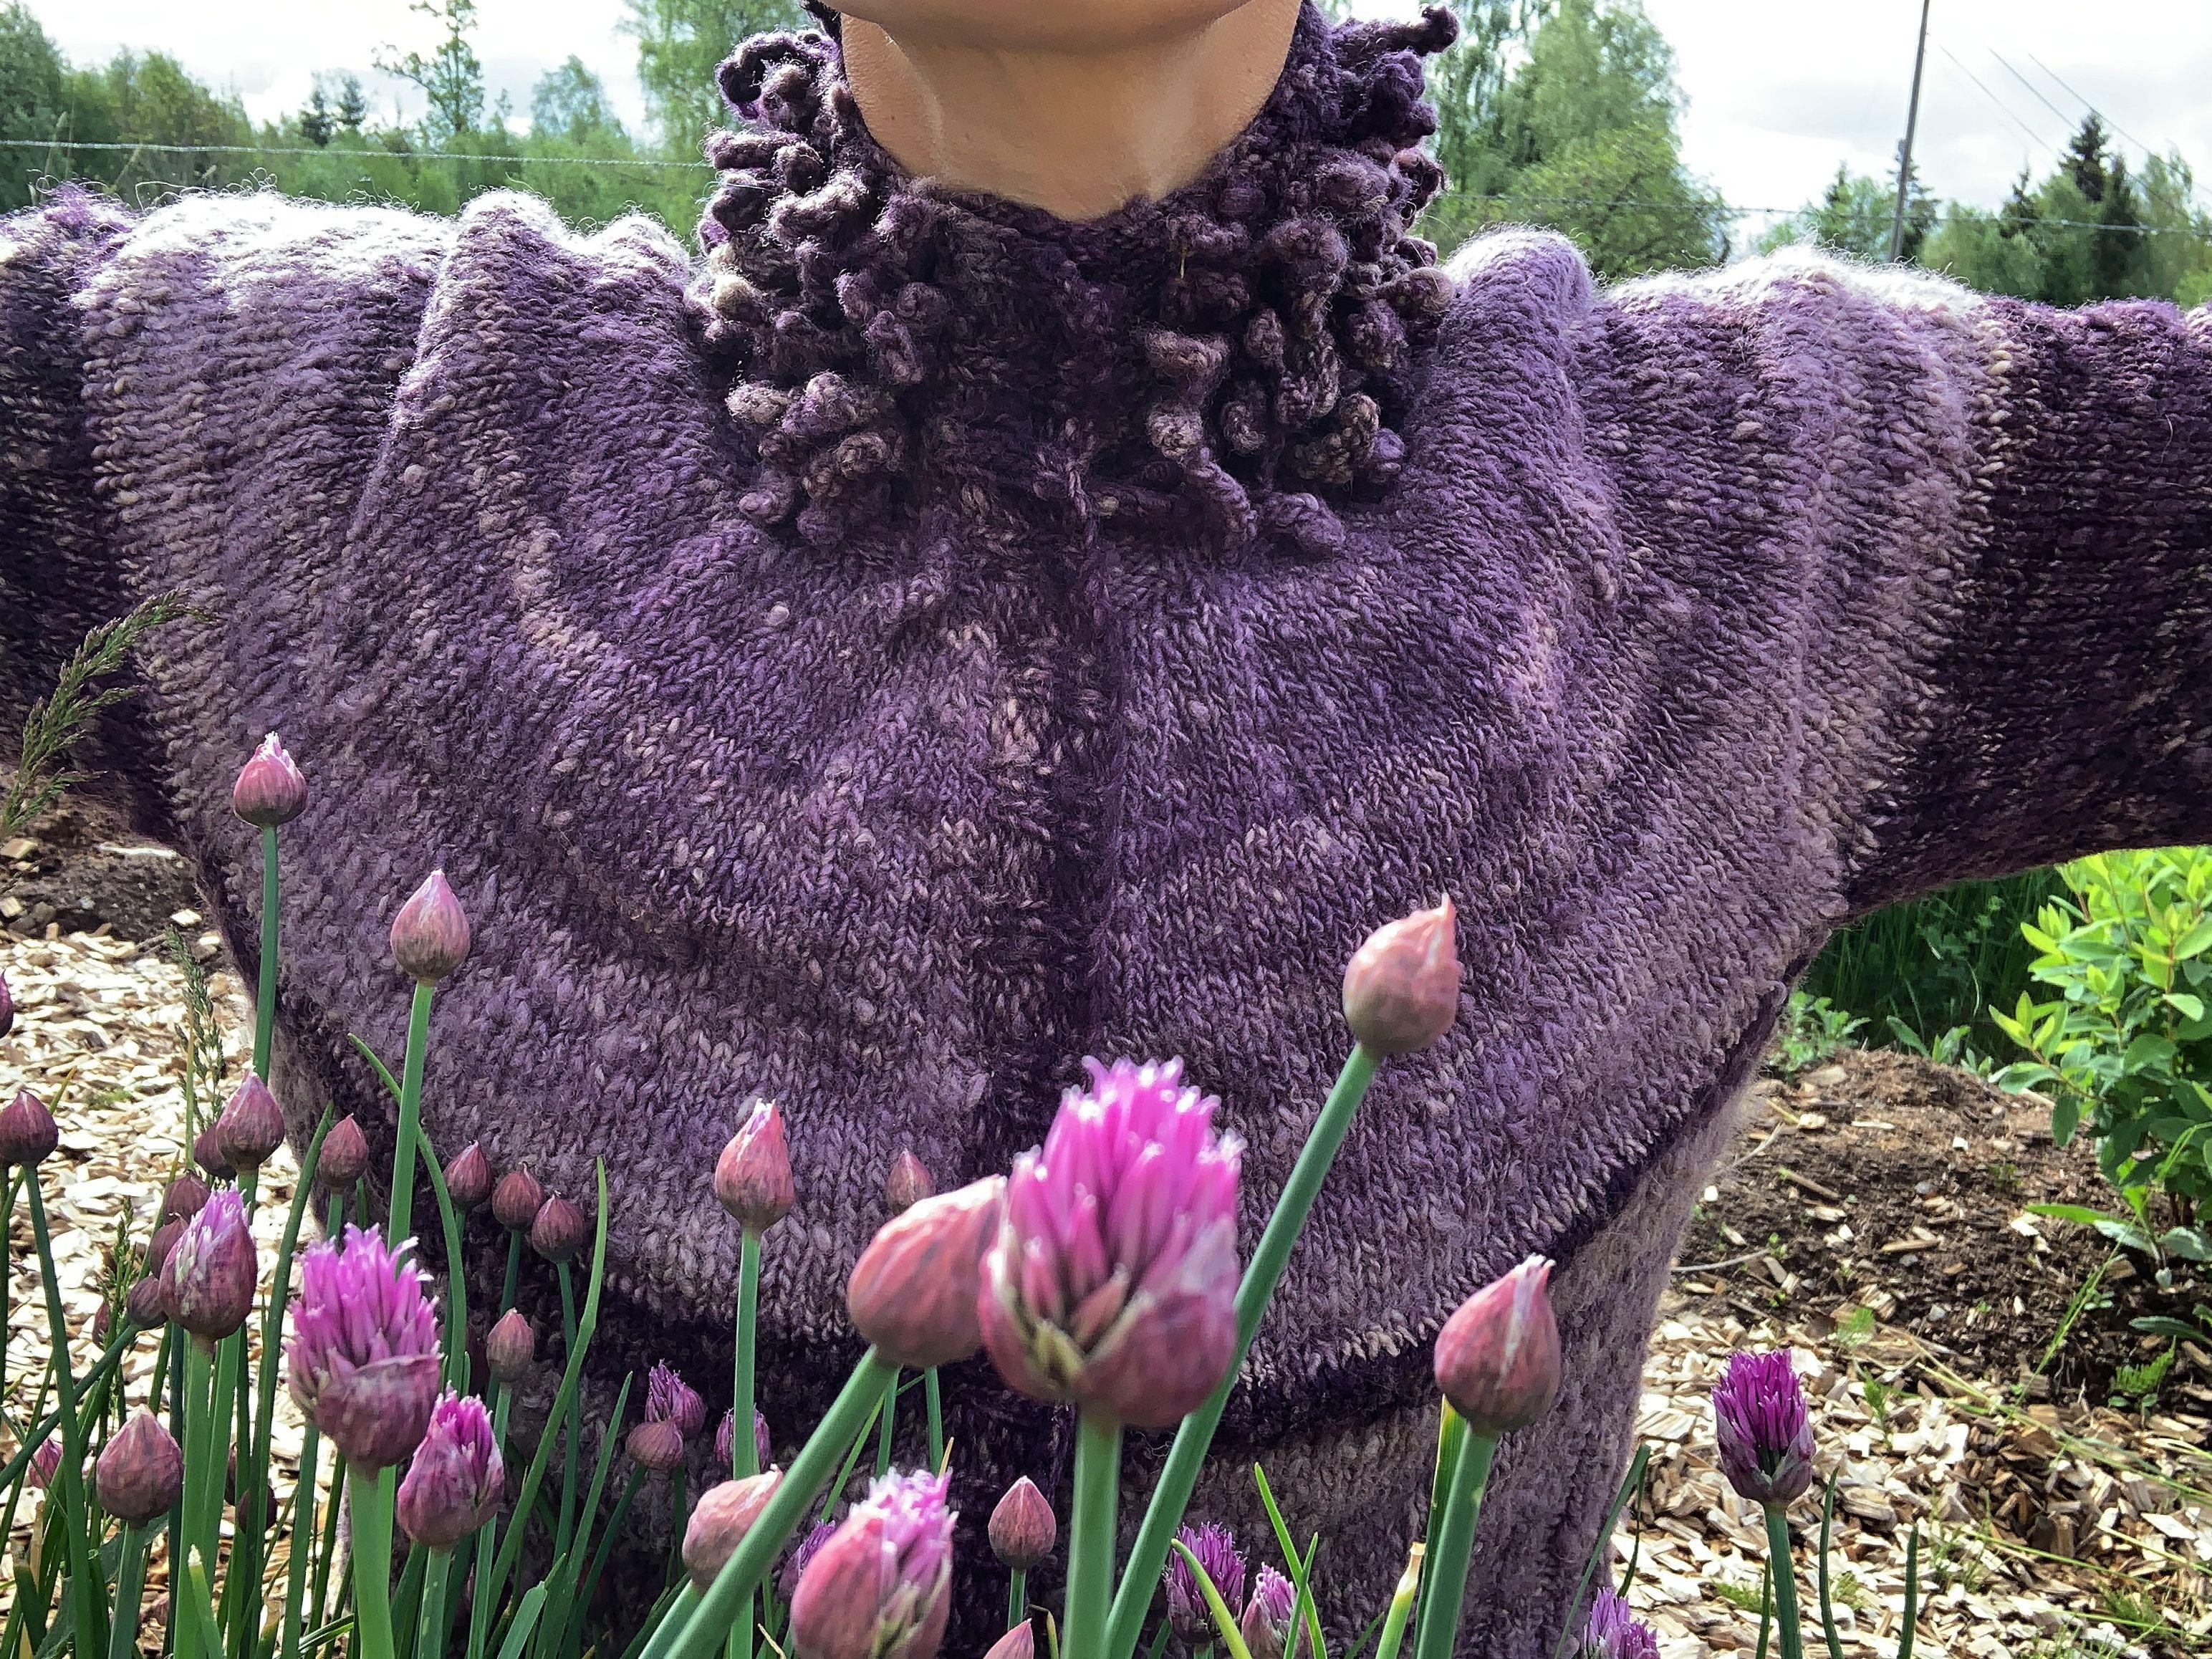 Sara med utfällda armar i lila kofta och gräslöken som blommar i förgrunden. Puff sleeve cardigan, chives in the foreground.